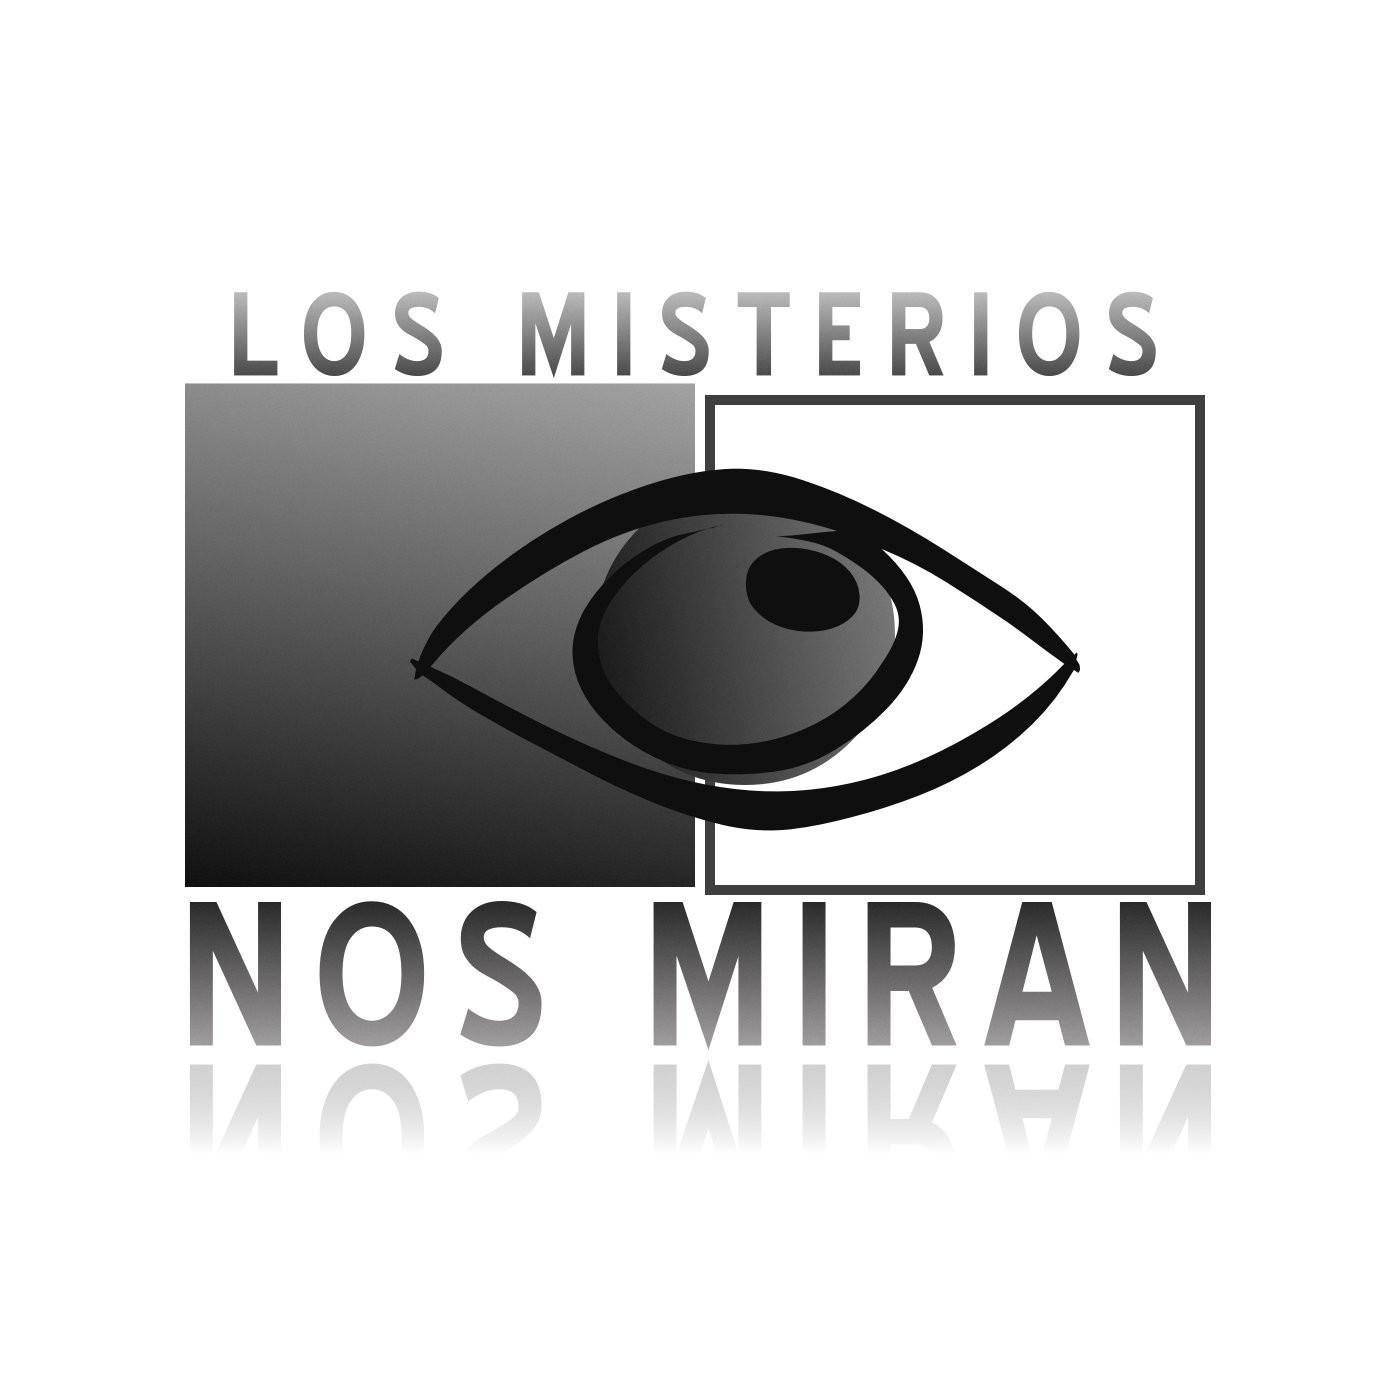 <![CDATA[::Los Misterios nos miran::]]>